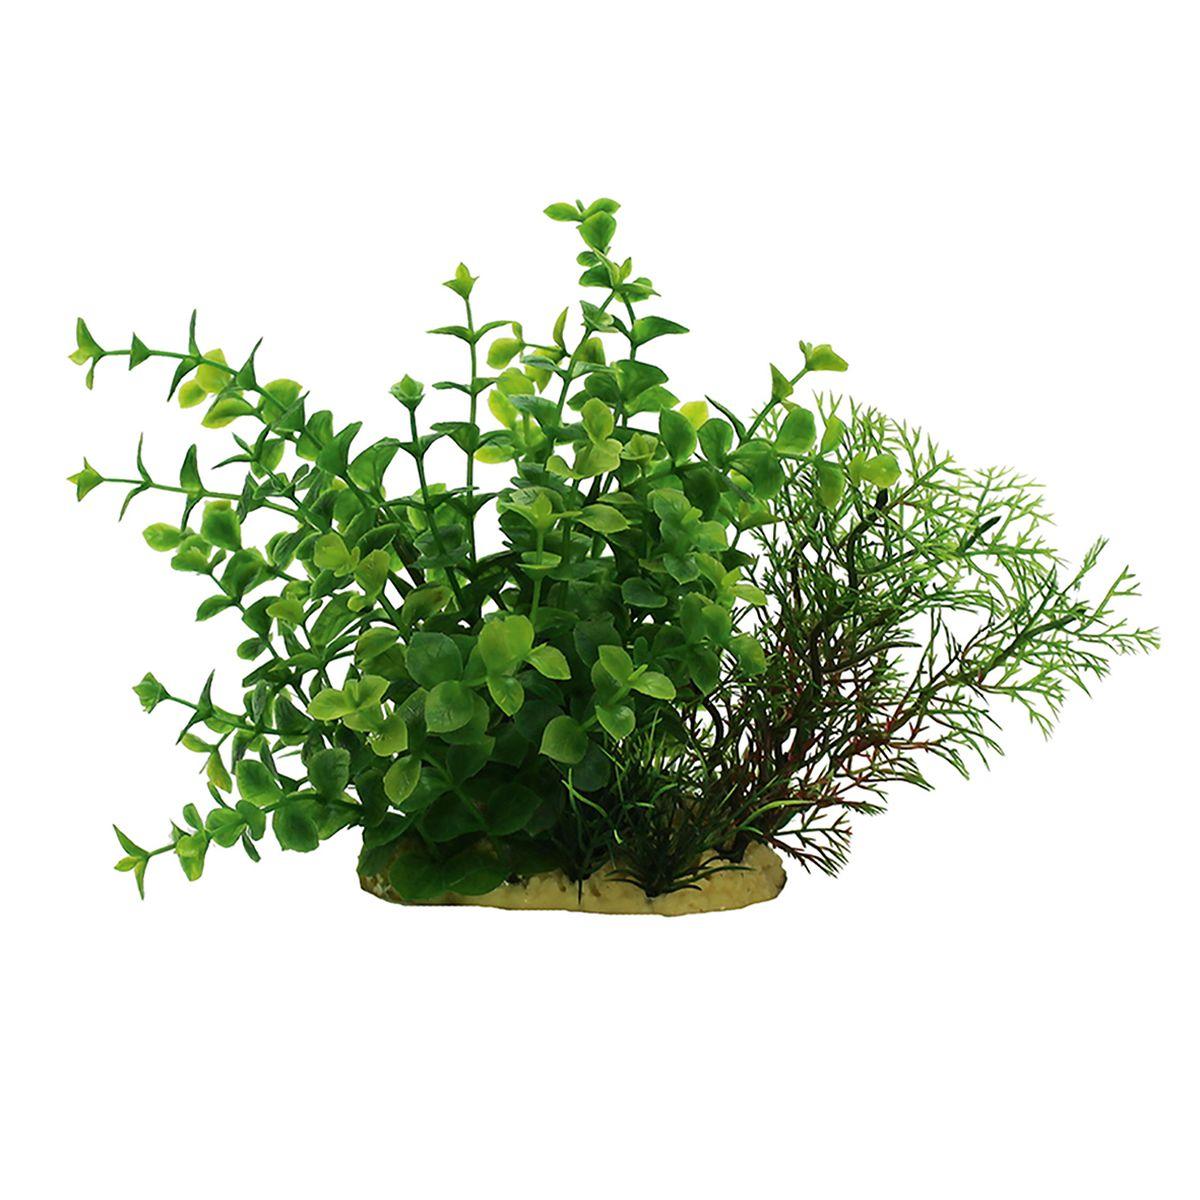 Растение для аквариума ArtUniq Людвигия зеленая, высота 15 см. ART-11401080120710Композиция из искусственных растений ArtUniq превосходно украсит и оживит аквариум.Растения - это важная часть любой композиции, они помогут вдохнуть жизнь в ландшафт любого аквариума или террариума. А их сходствос природными порадует даже самых взыскательных ценителей.